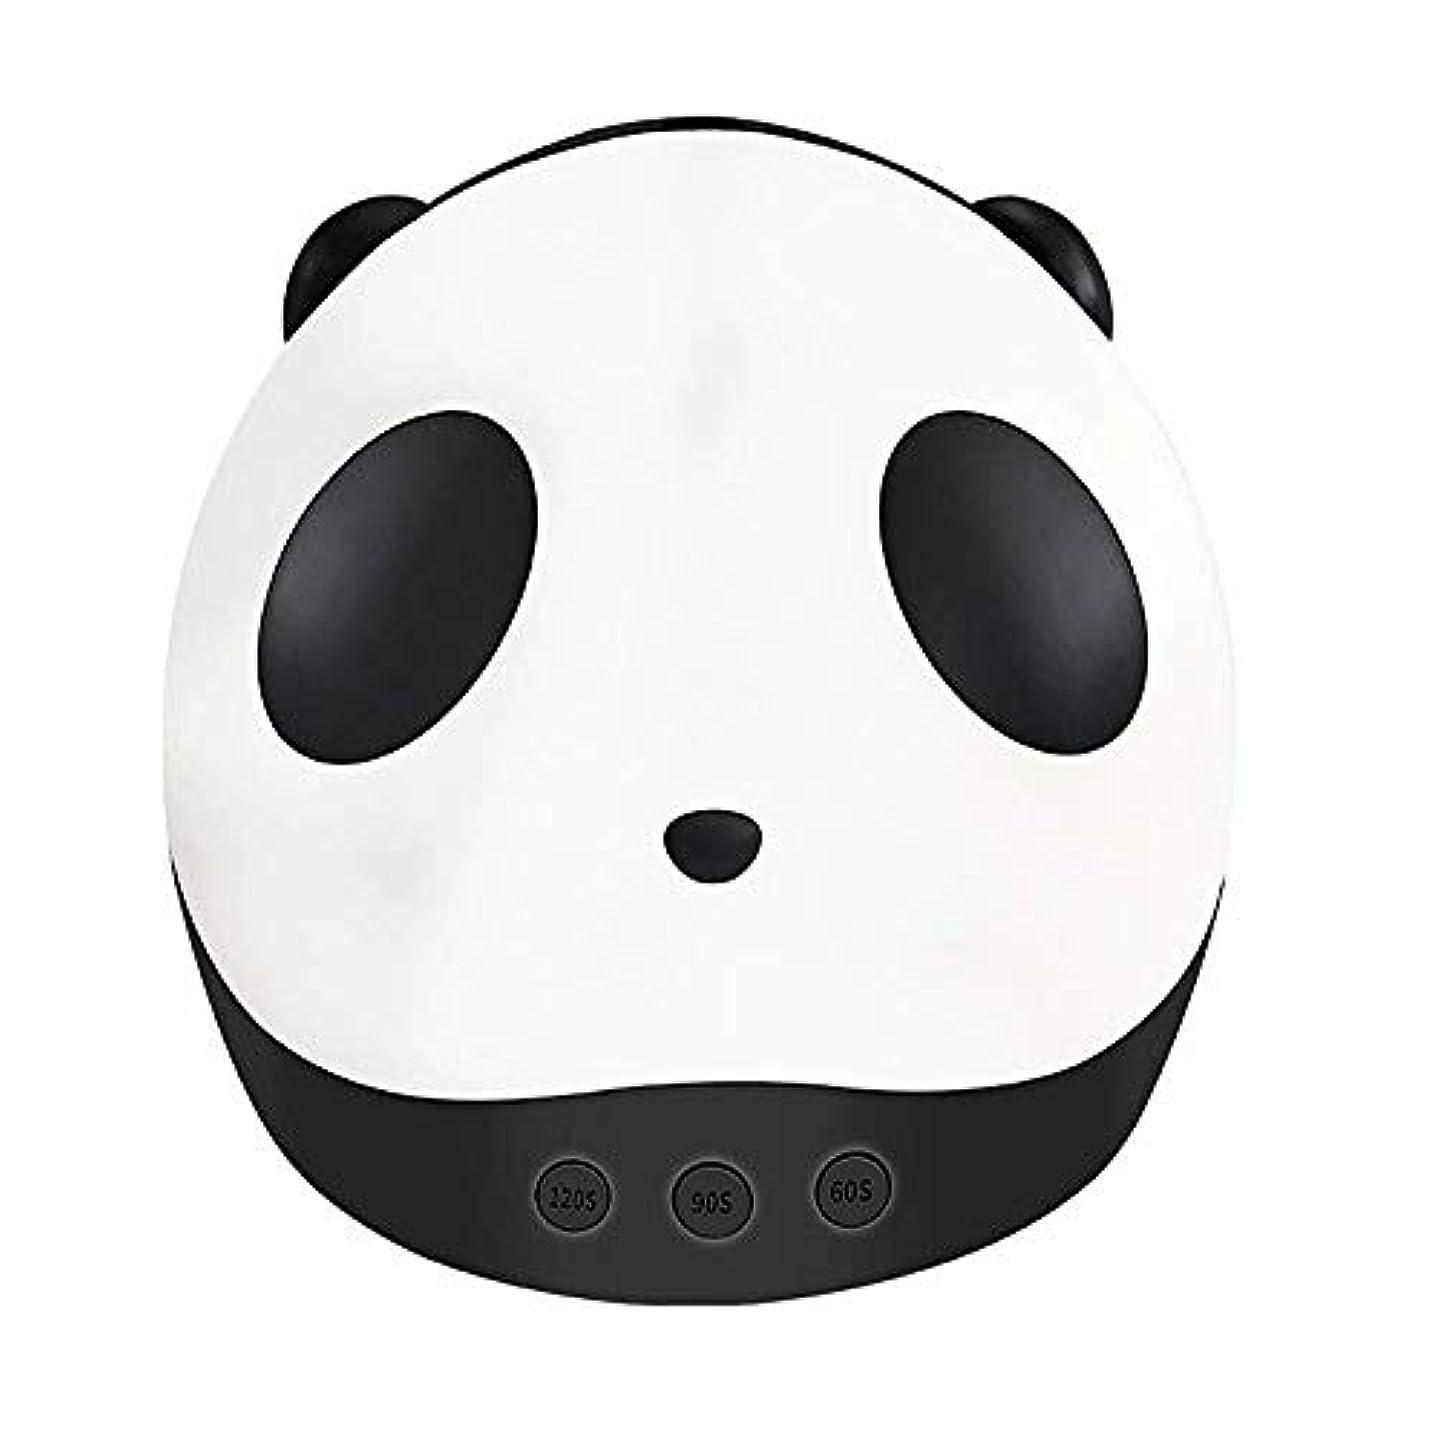 根絶する時代遅れカーテンパンダネイルドライヤーミニUV光線療法Led光線療法ライト36ワットスマートネイル光線療法機ネイルライト付き3タイマー設定機能、黒 (Color : Black)